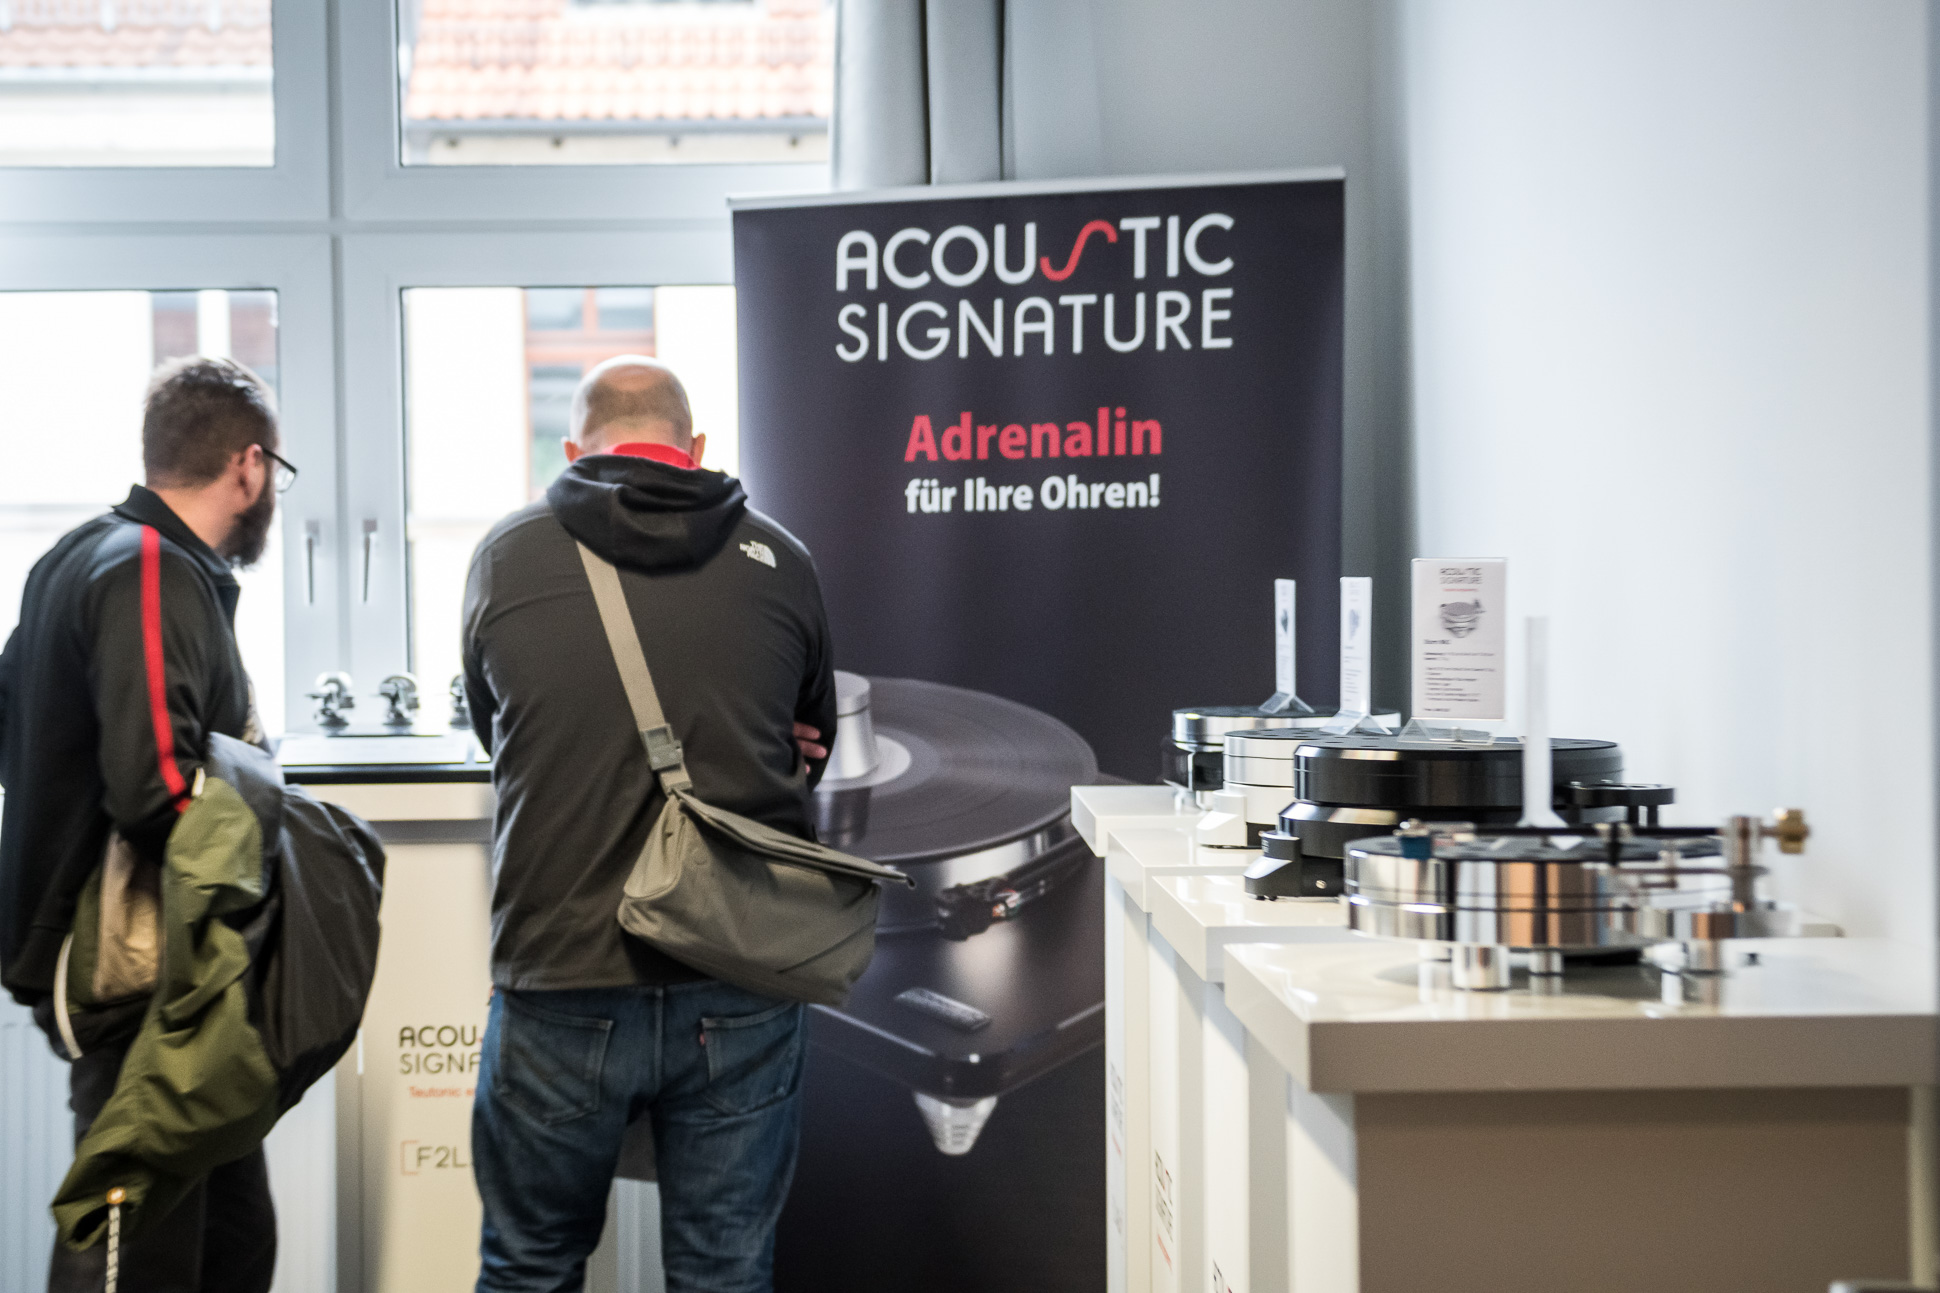 Schwäbisch Engineering: Acoustic Signature zeigte seine neuen Plattenspielermodelle.